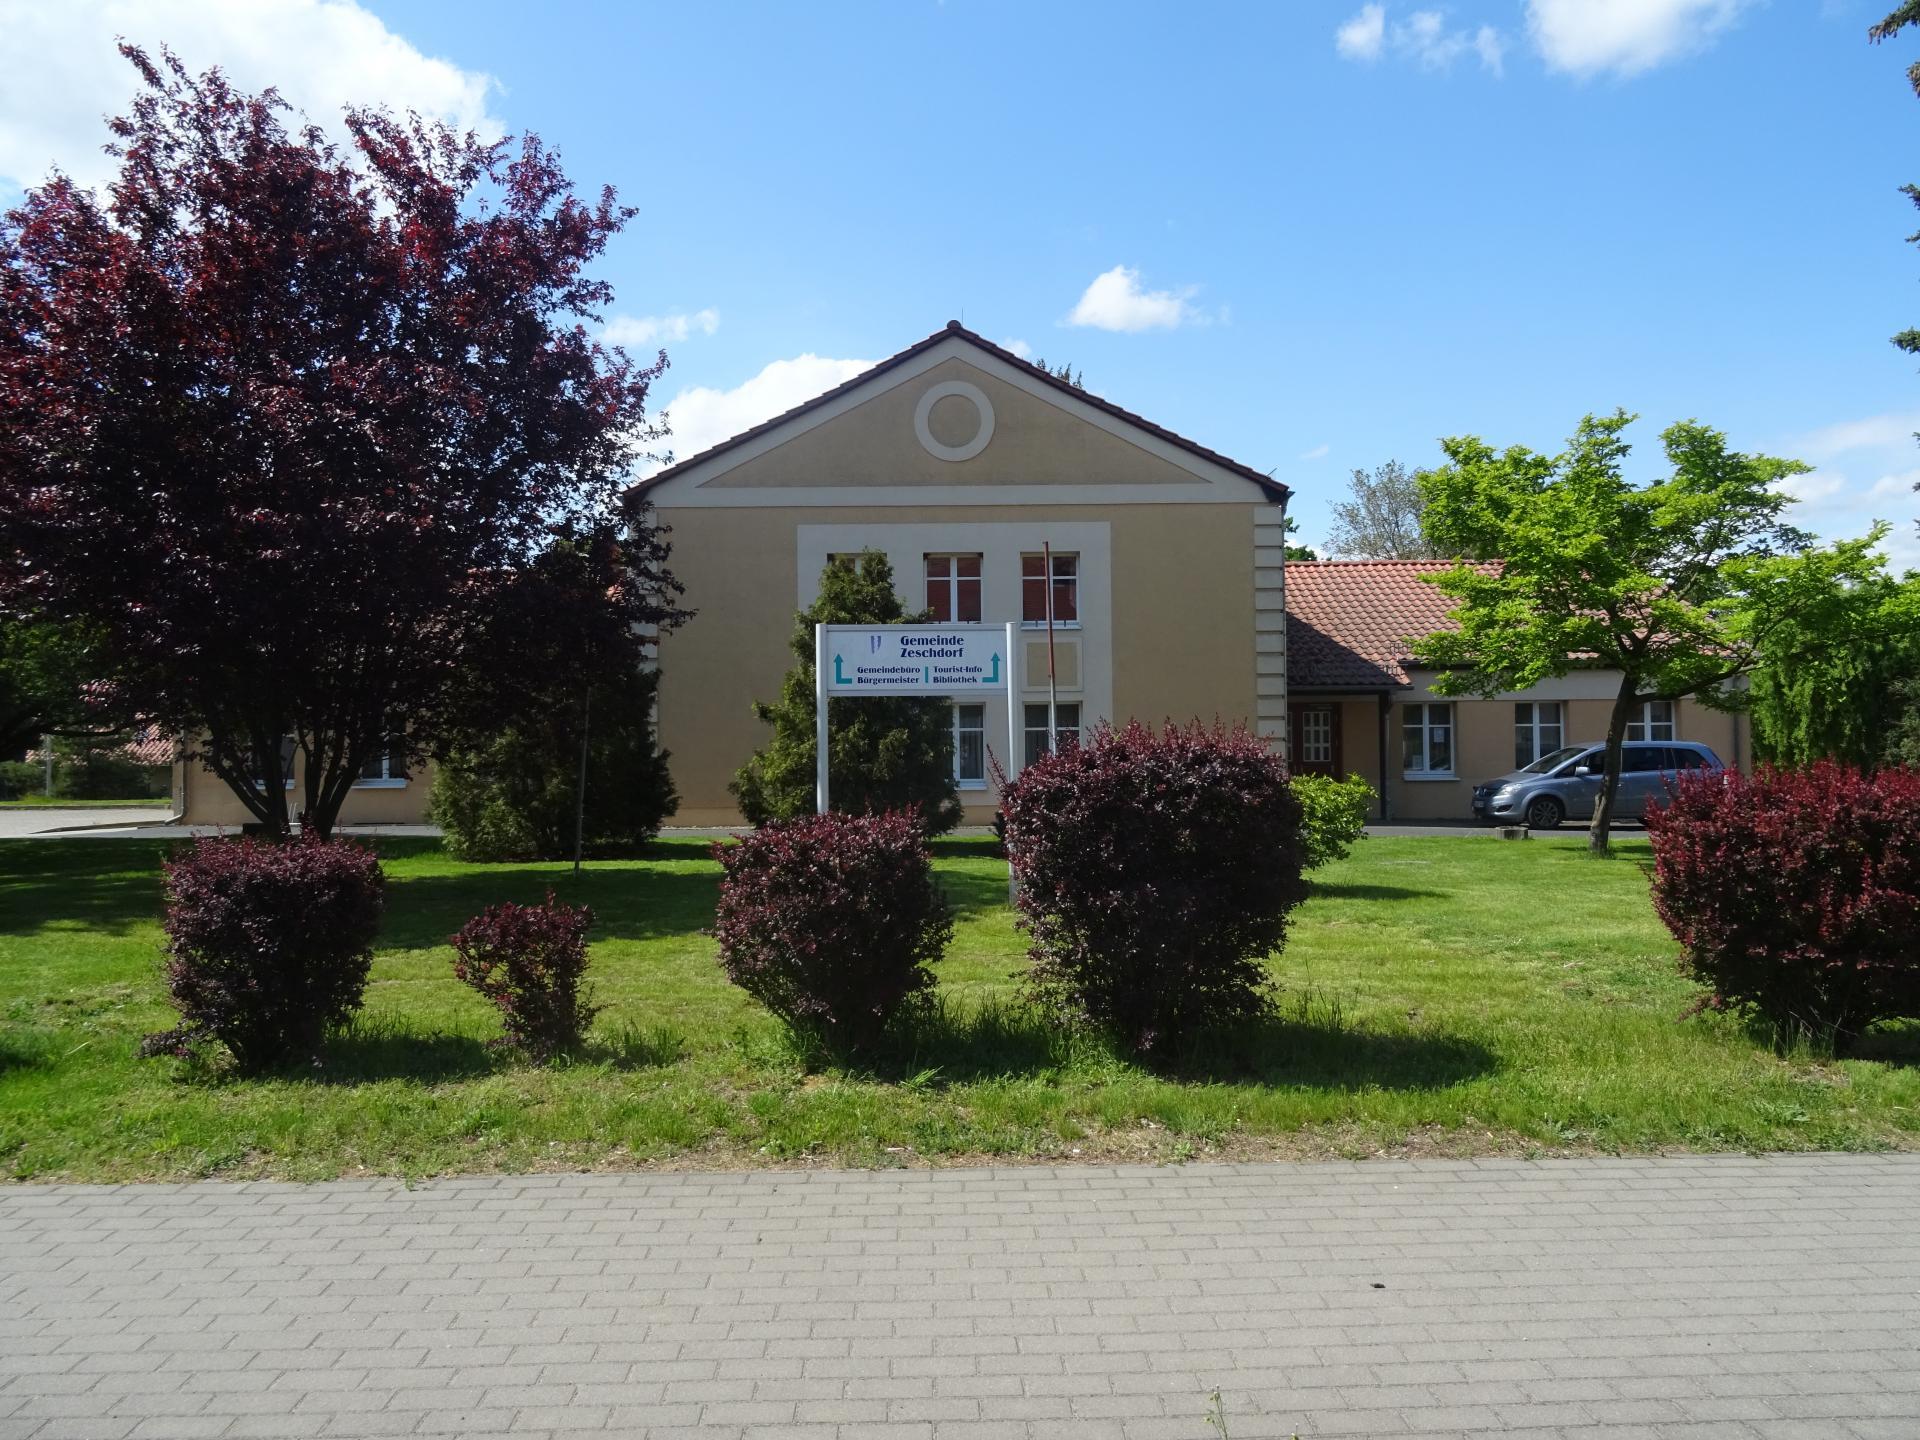 Kulturhaus Alt Zeschdorf  Foto: Info Punkt Lebus